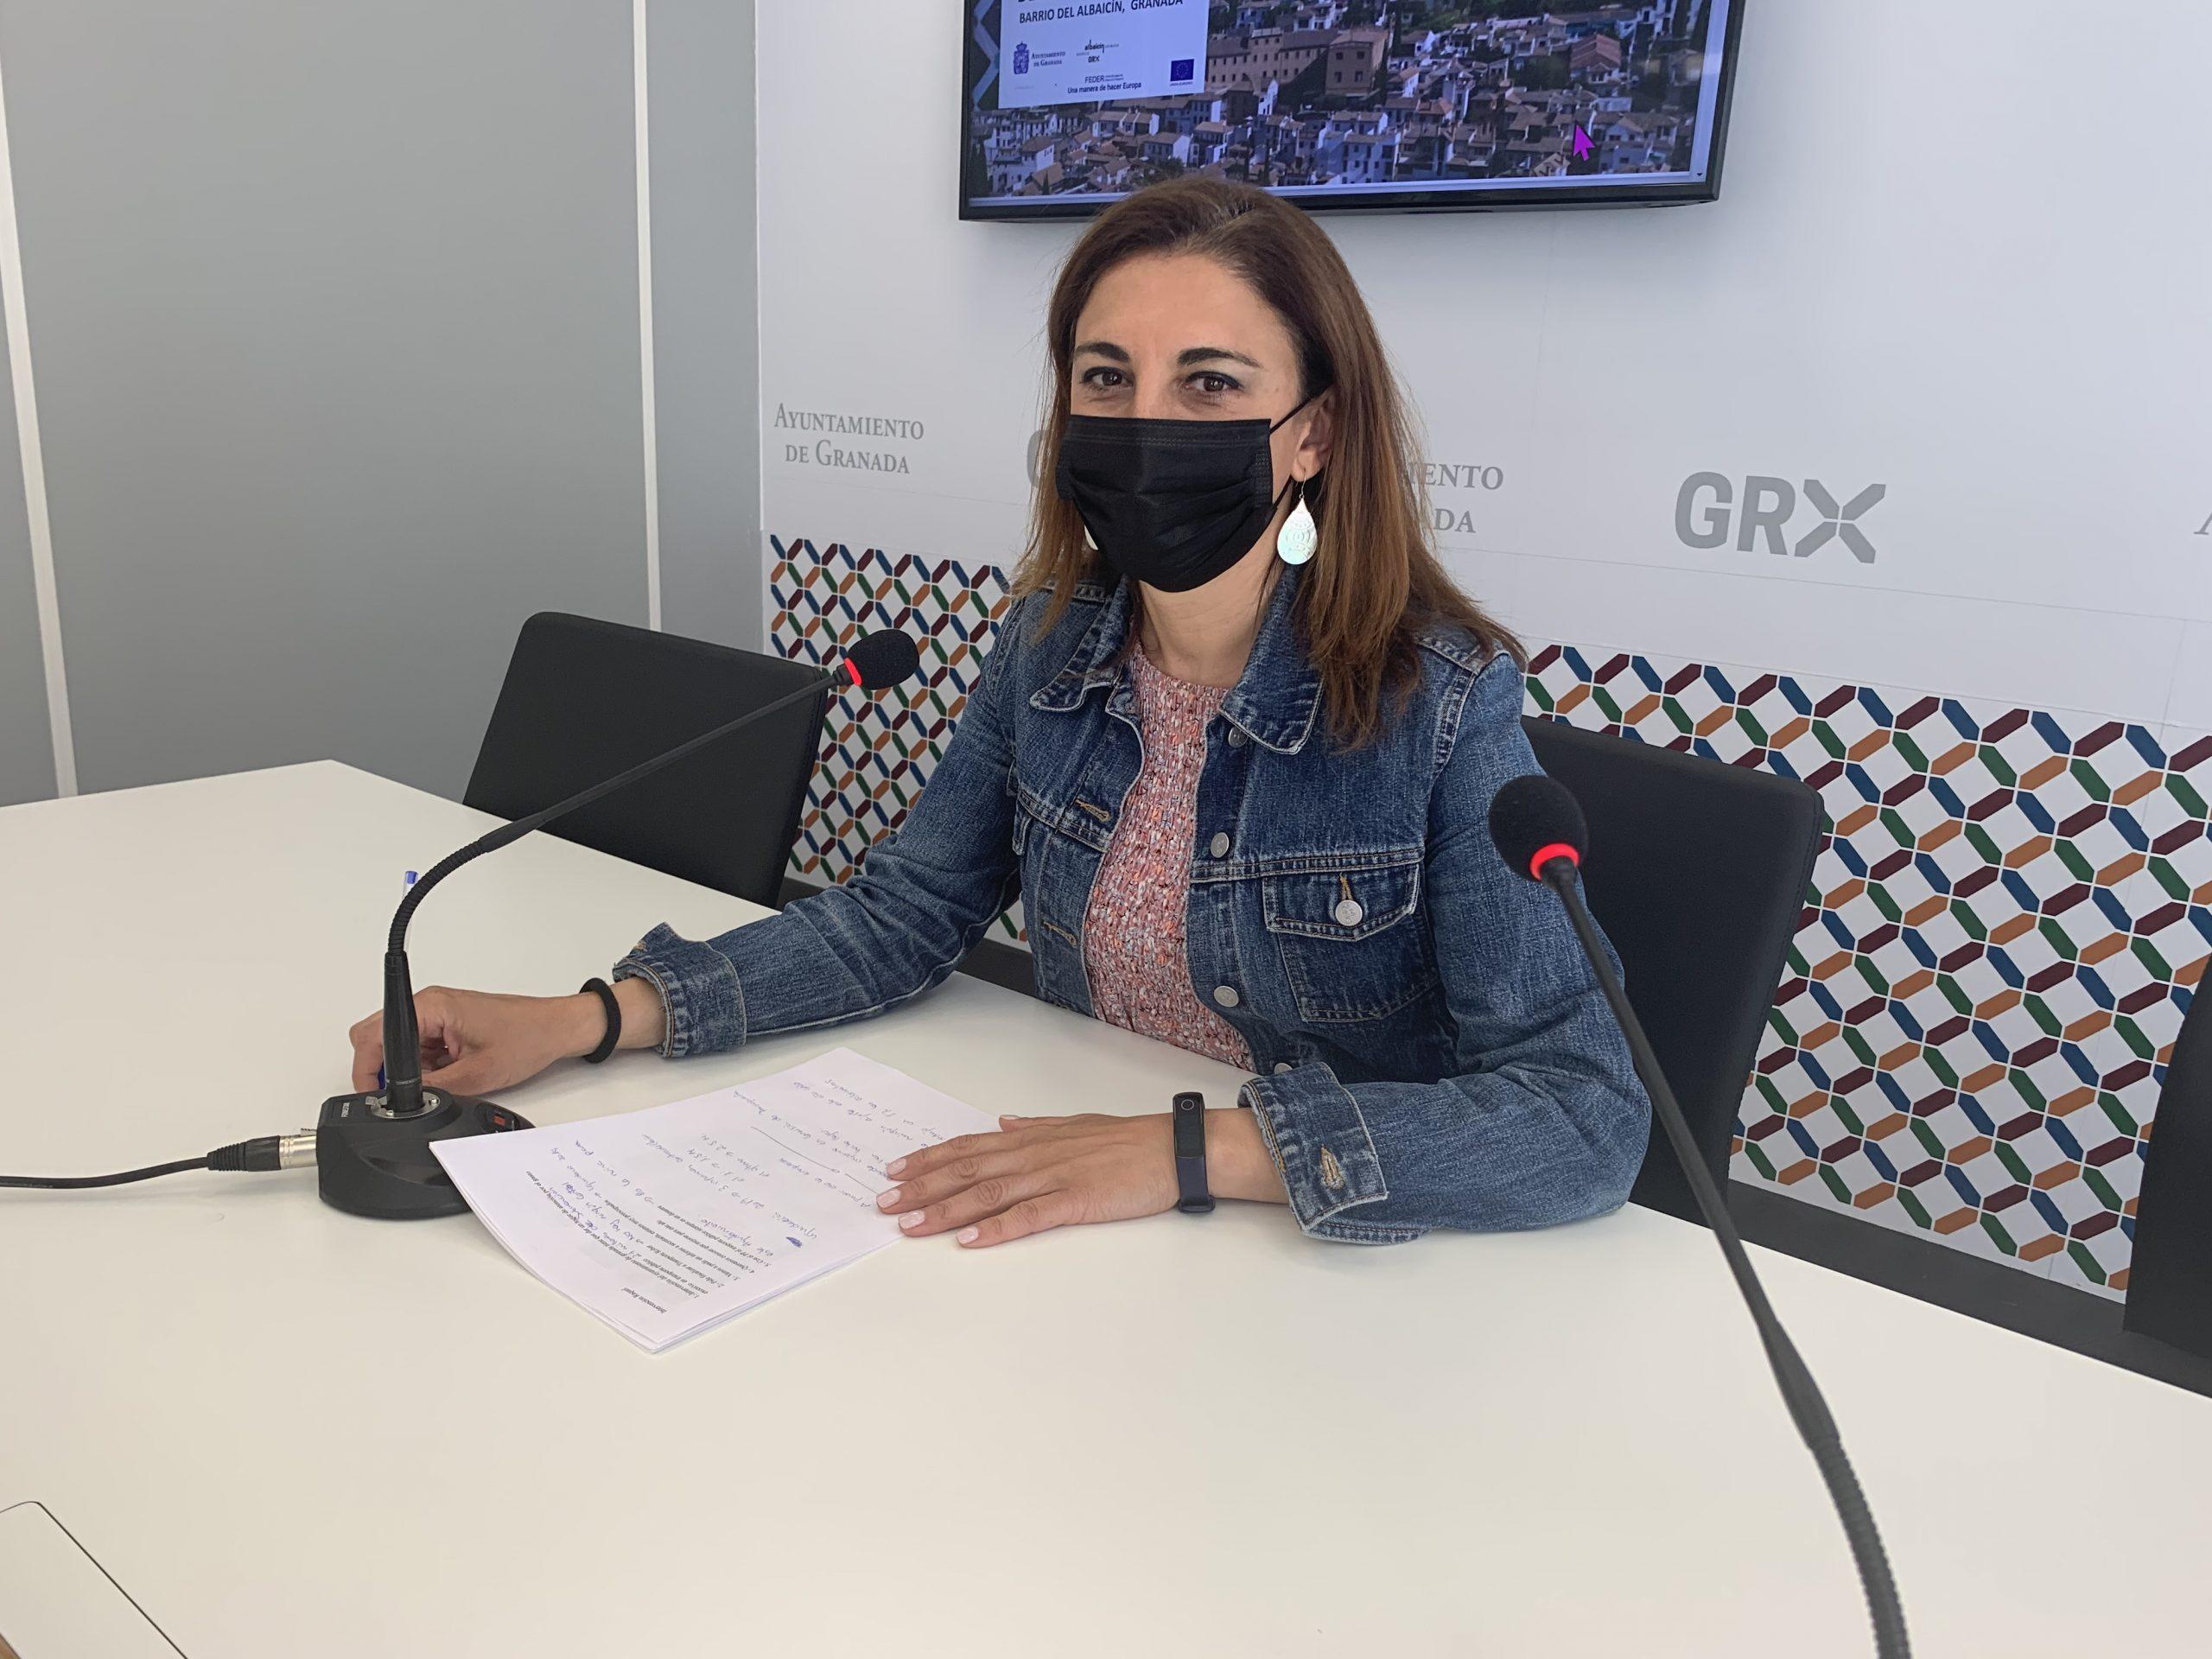 EL PSOE CRITICA EL DESCONTROL DEL PP CON EL COSTE DE LOS AUTOBUSES Y LA FACTURACIÓN DISPARADA DE LA ROBER RUZ-HOY-EN-RUEDA-DE-PRENSA-1-scaled